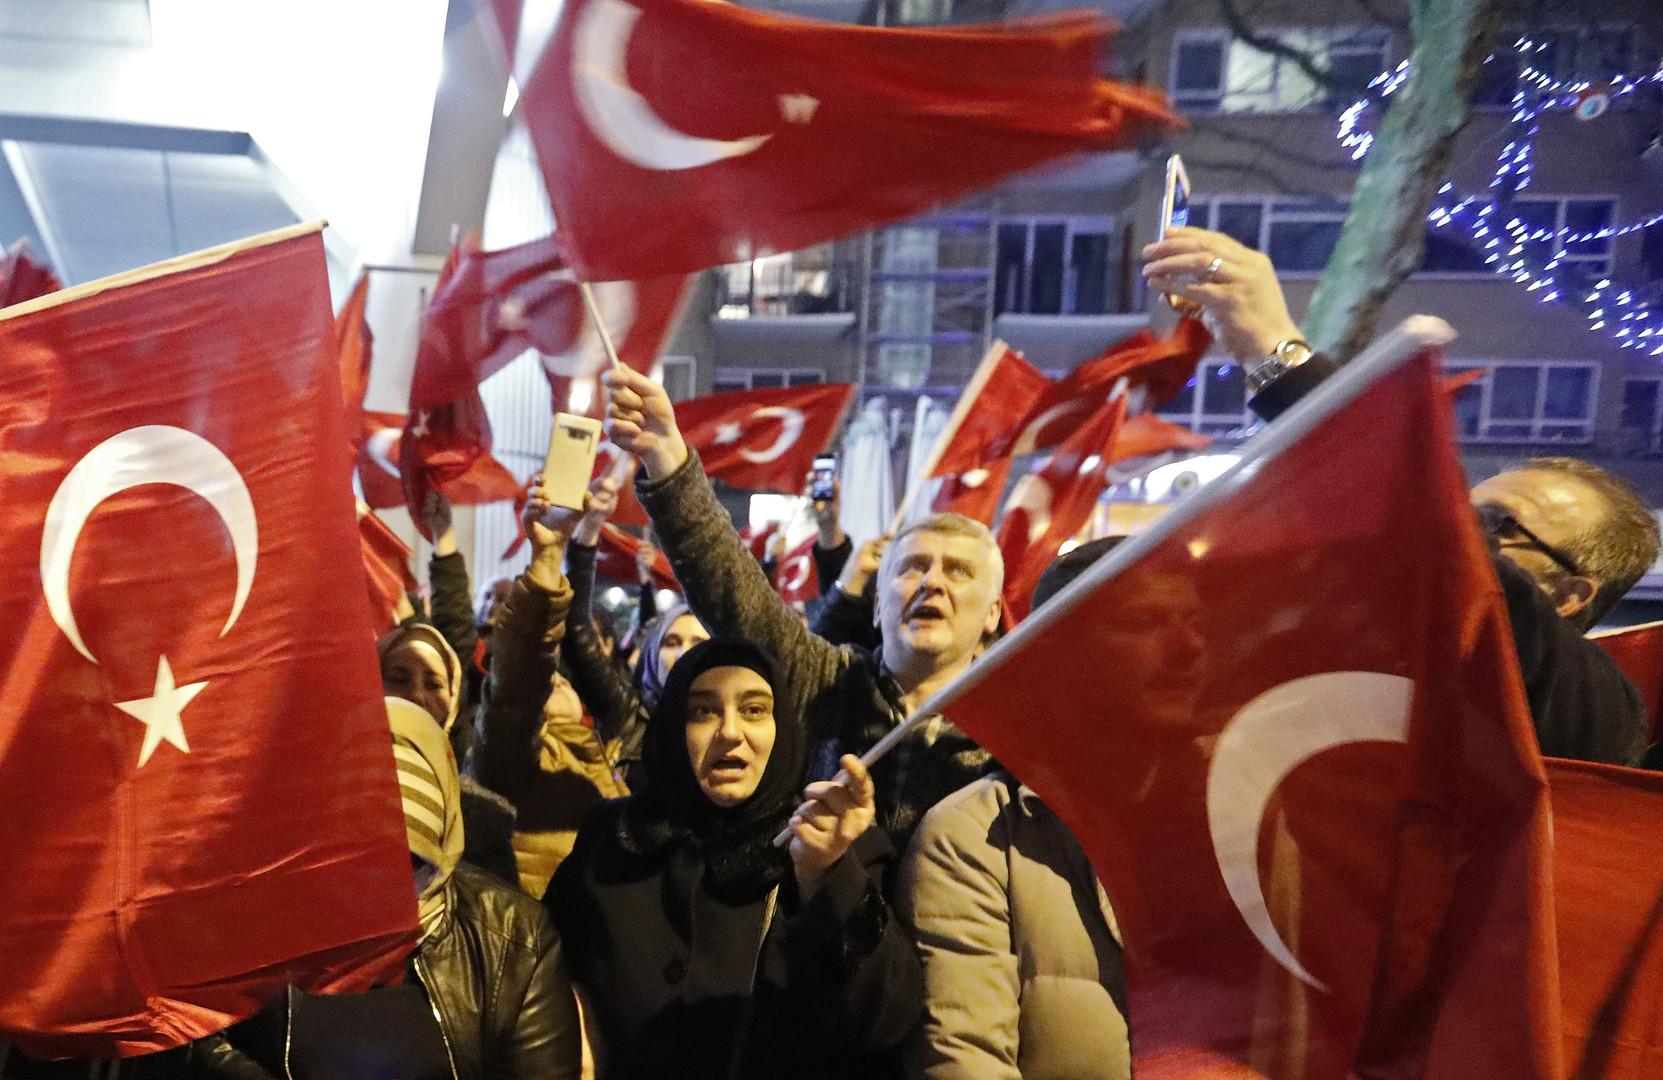 Стремительное похолодание: Нидерланды вступили в дипломатическую перепалку с Турцией